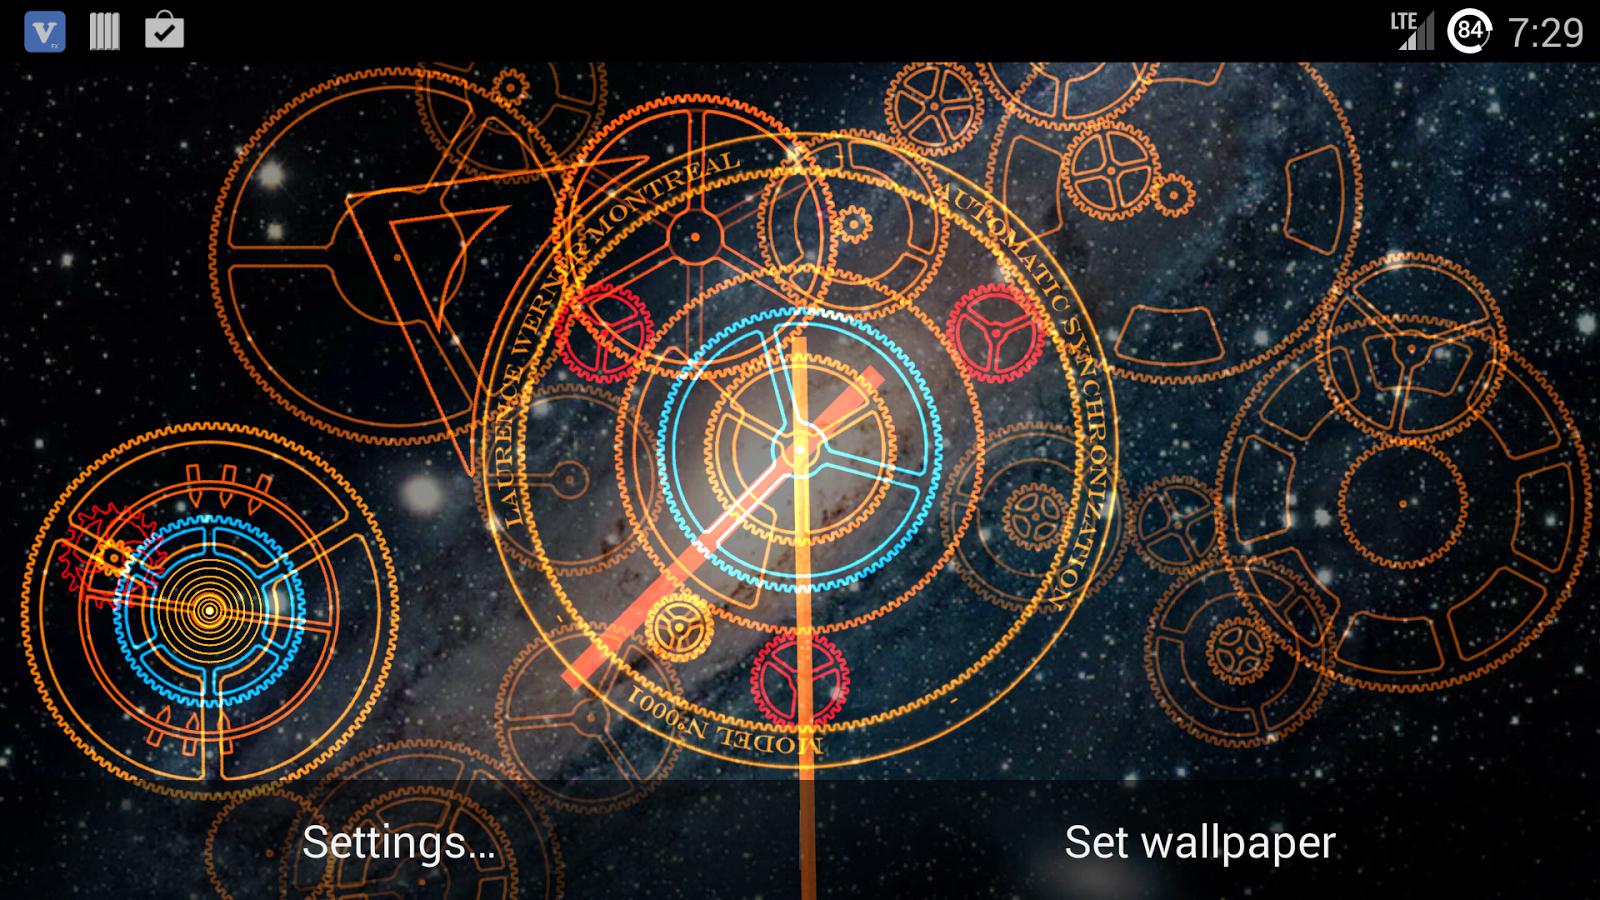 49+] Live Clock Wallpaper on WallpaperSafari